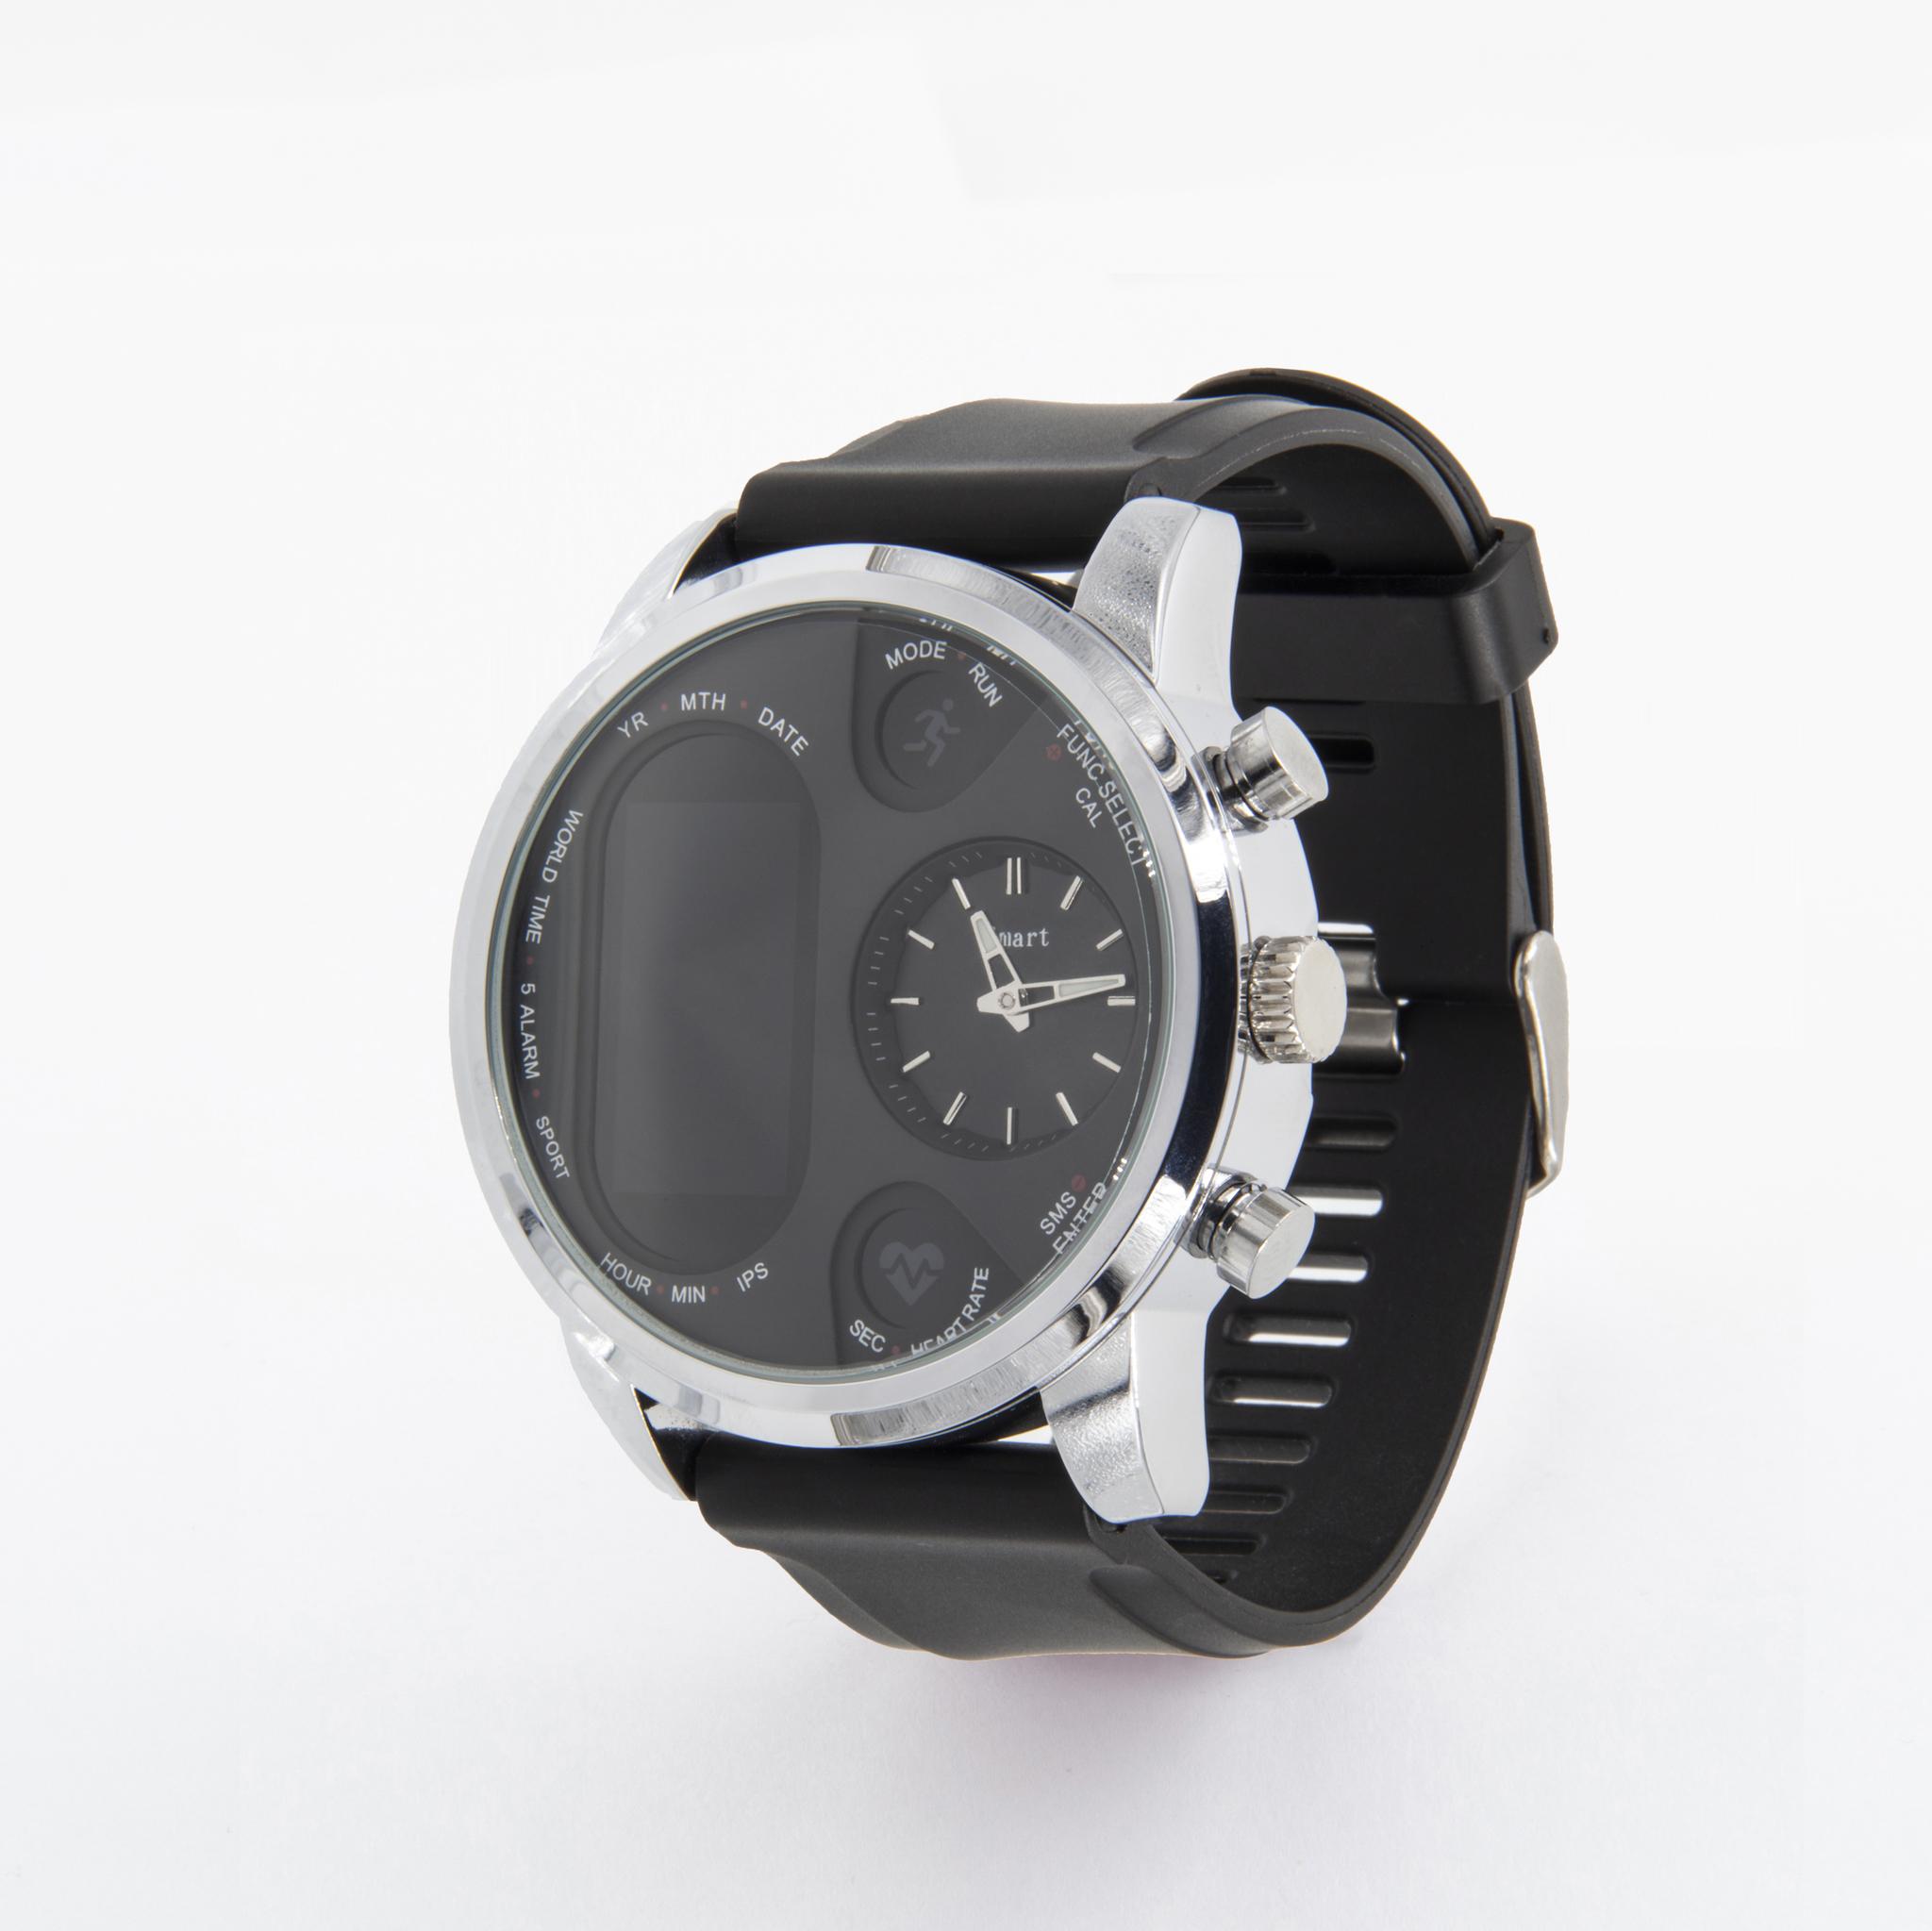 Имиджевые часы здоровья с механическими часами, оценкой давления, кислорода и автоматическим замером пульса Dr. Hofner DH99 (серебро)